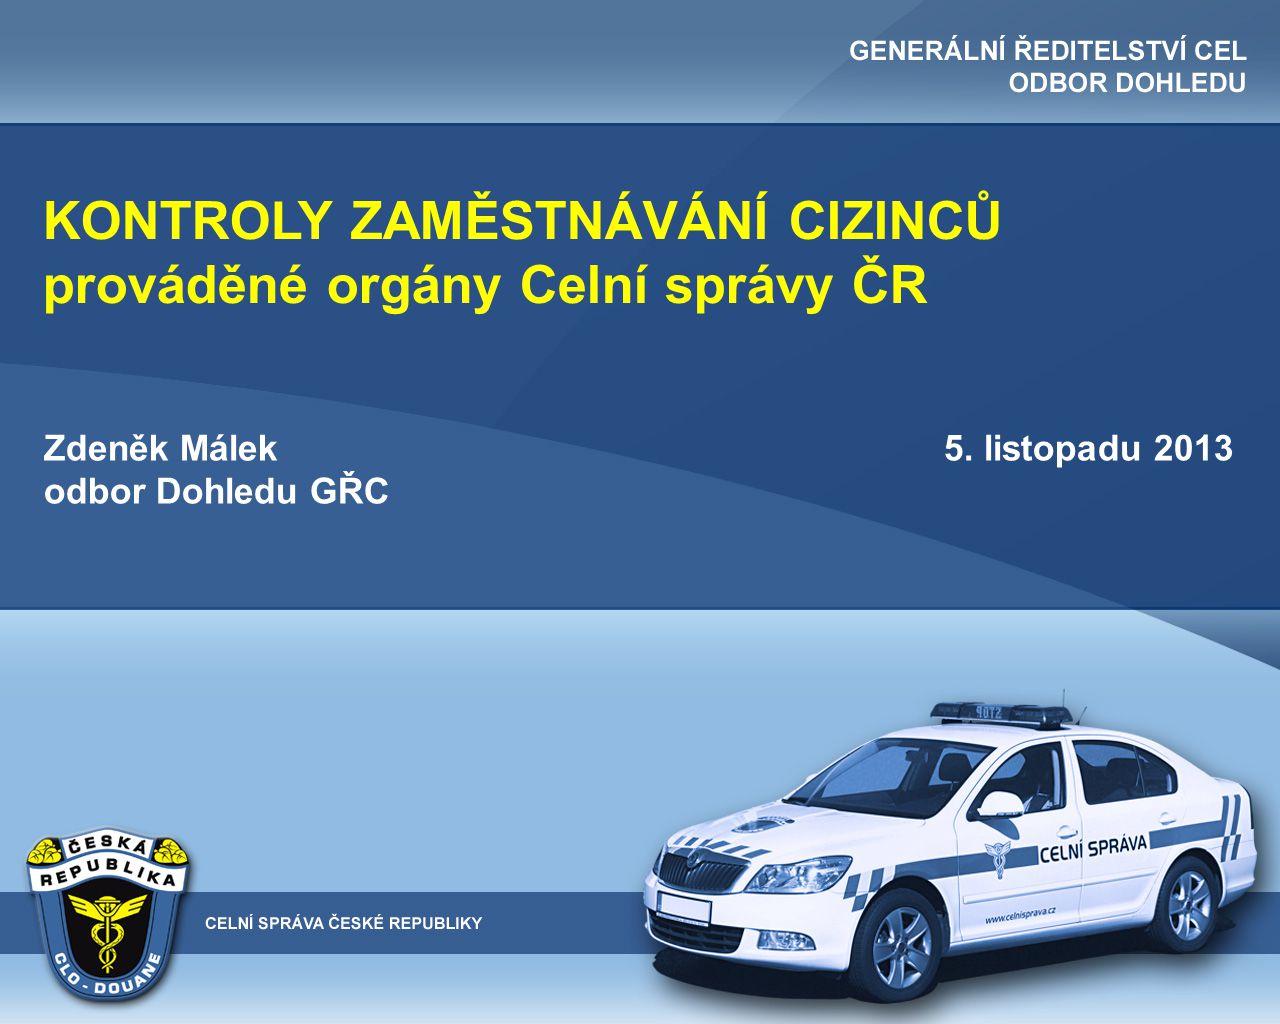 KONTROLY ZAMĚSTNÁVÁNÍ CIZINCŮ prováděné orgány Celní správy ČR